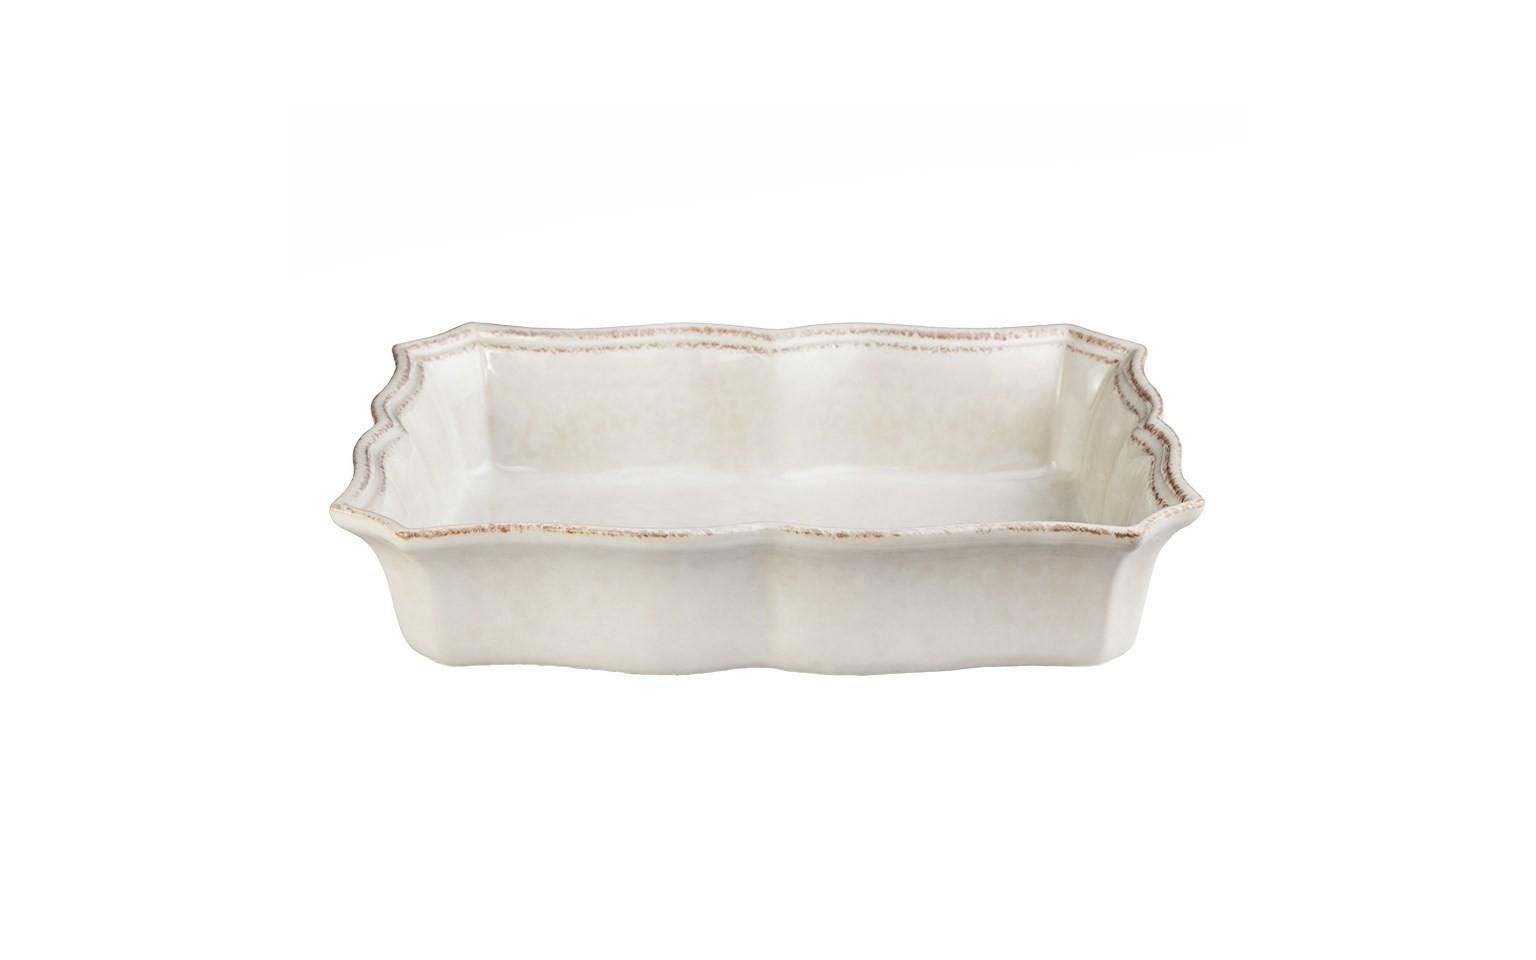 Блюдо для запекания прямоугольноеДекоративные блюда<br>Costa Nova (Португалия) – керамическая посуда из самого сердца Португалии. Керамическая посуда Costa Nova абсолютно устойчива к мытью, даже в посудомоечной машине, ее вполне можно использовать для замораживания продуктов и в микроволновой печи, при этом можно не бояться повредить эту великолепную глазурь и свежие краски. Такую посуду легко мыть, при ее очистке можно использовать металлические губки – и все это благодаря прочному глазурованному покрытию. Все серии посуды от Costa Nova отвечают международным стандартам качества. Керамическая посуда от Costa Nova не содержит такие вещества, как свинец и кадмий.<br><br>Material: Керамика<br>Width см: 30